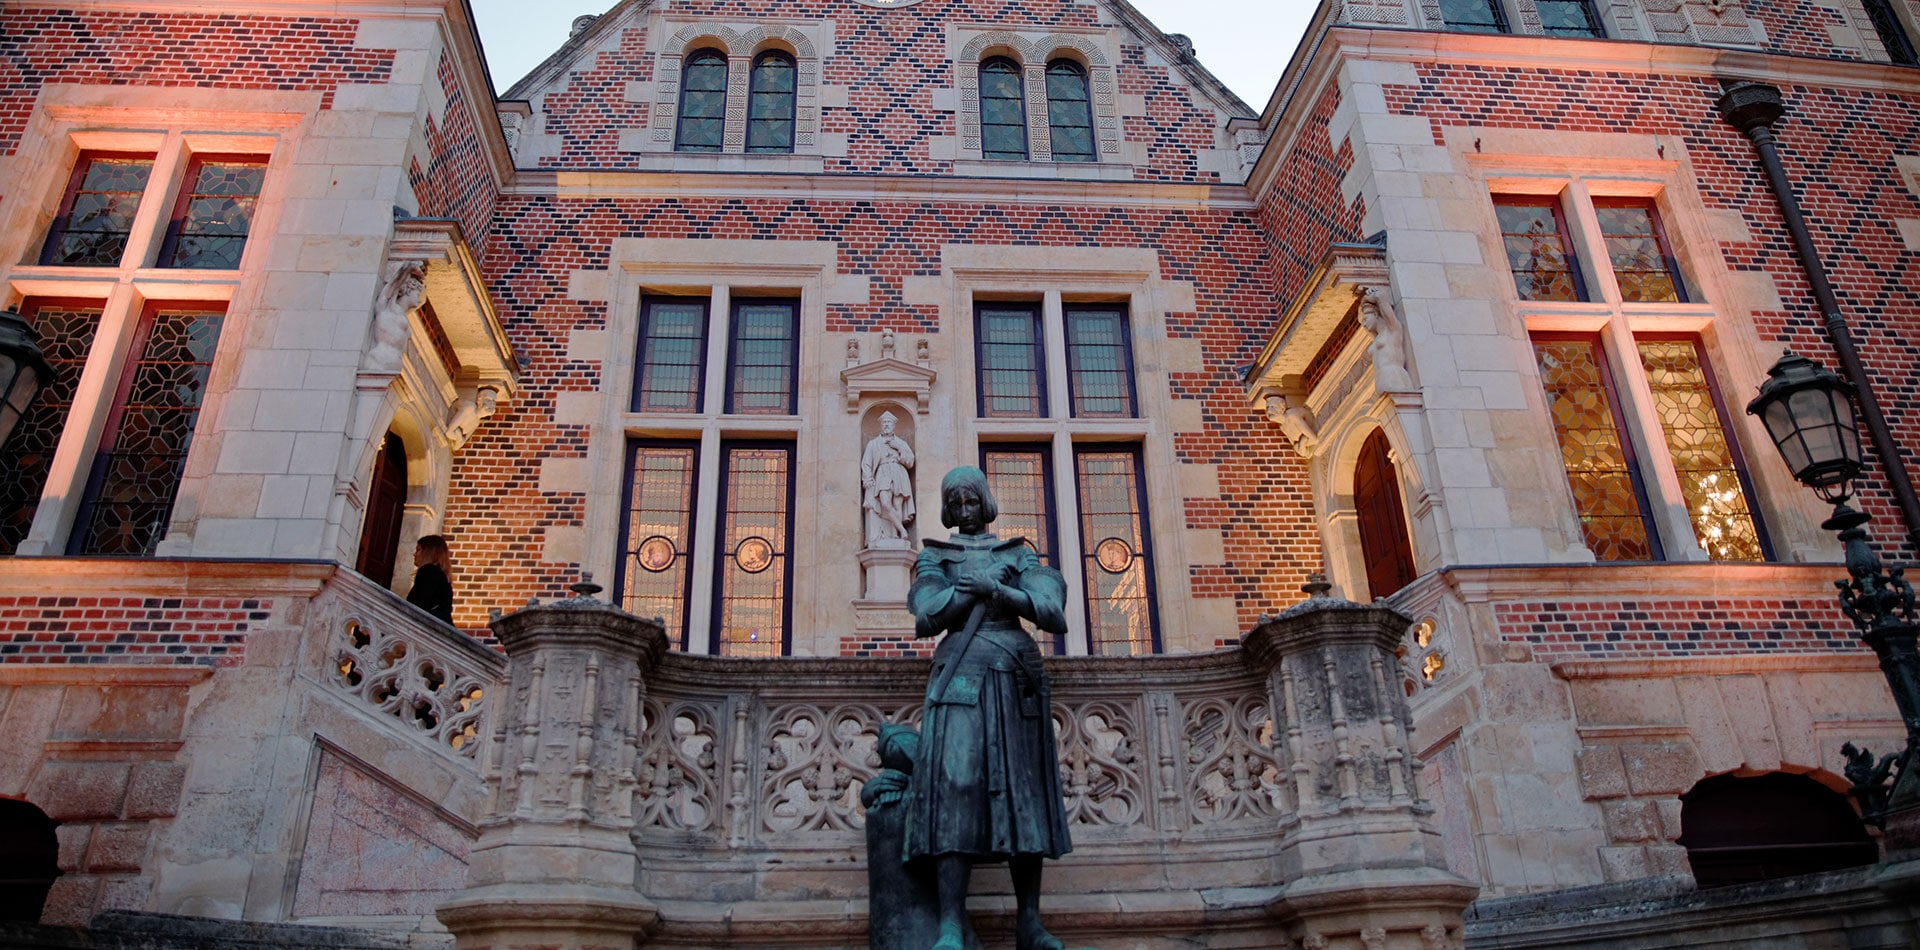 Statue de Jeanne d'Arc dans la cour de l'Hôtel Groslot © Christophe Mouton